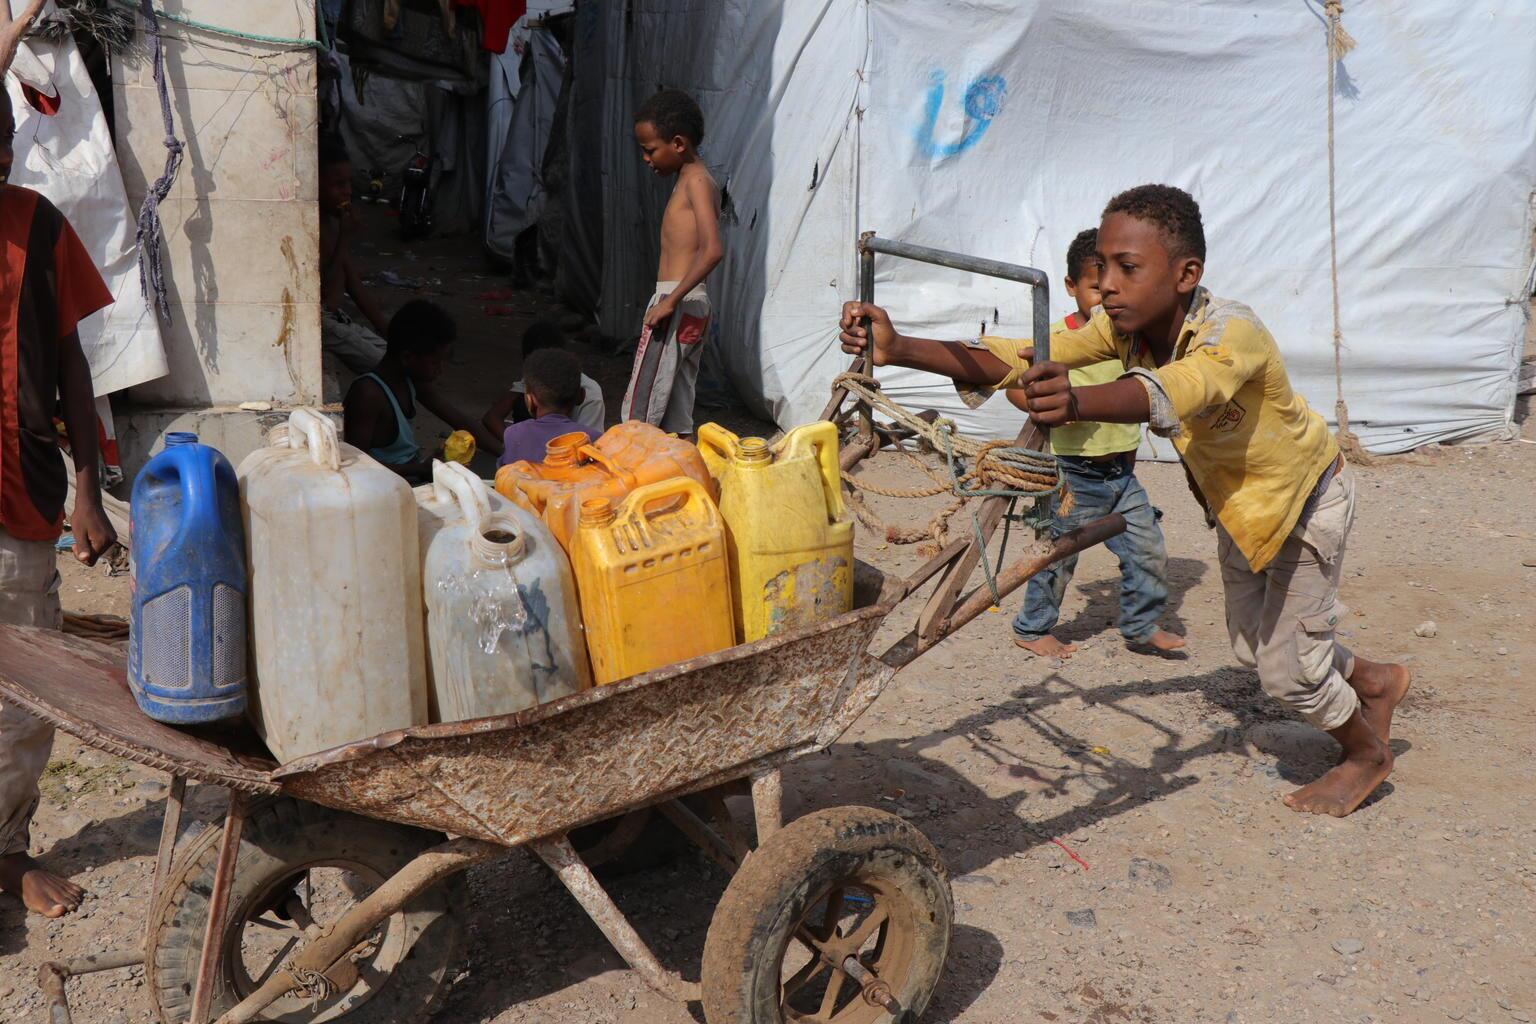 Bild zu Jemen, Mangelernährung, Hepatitis, Schule